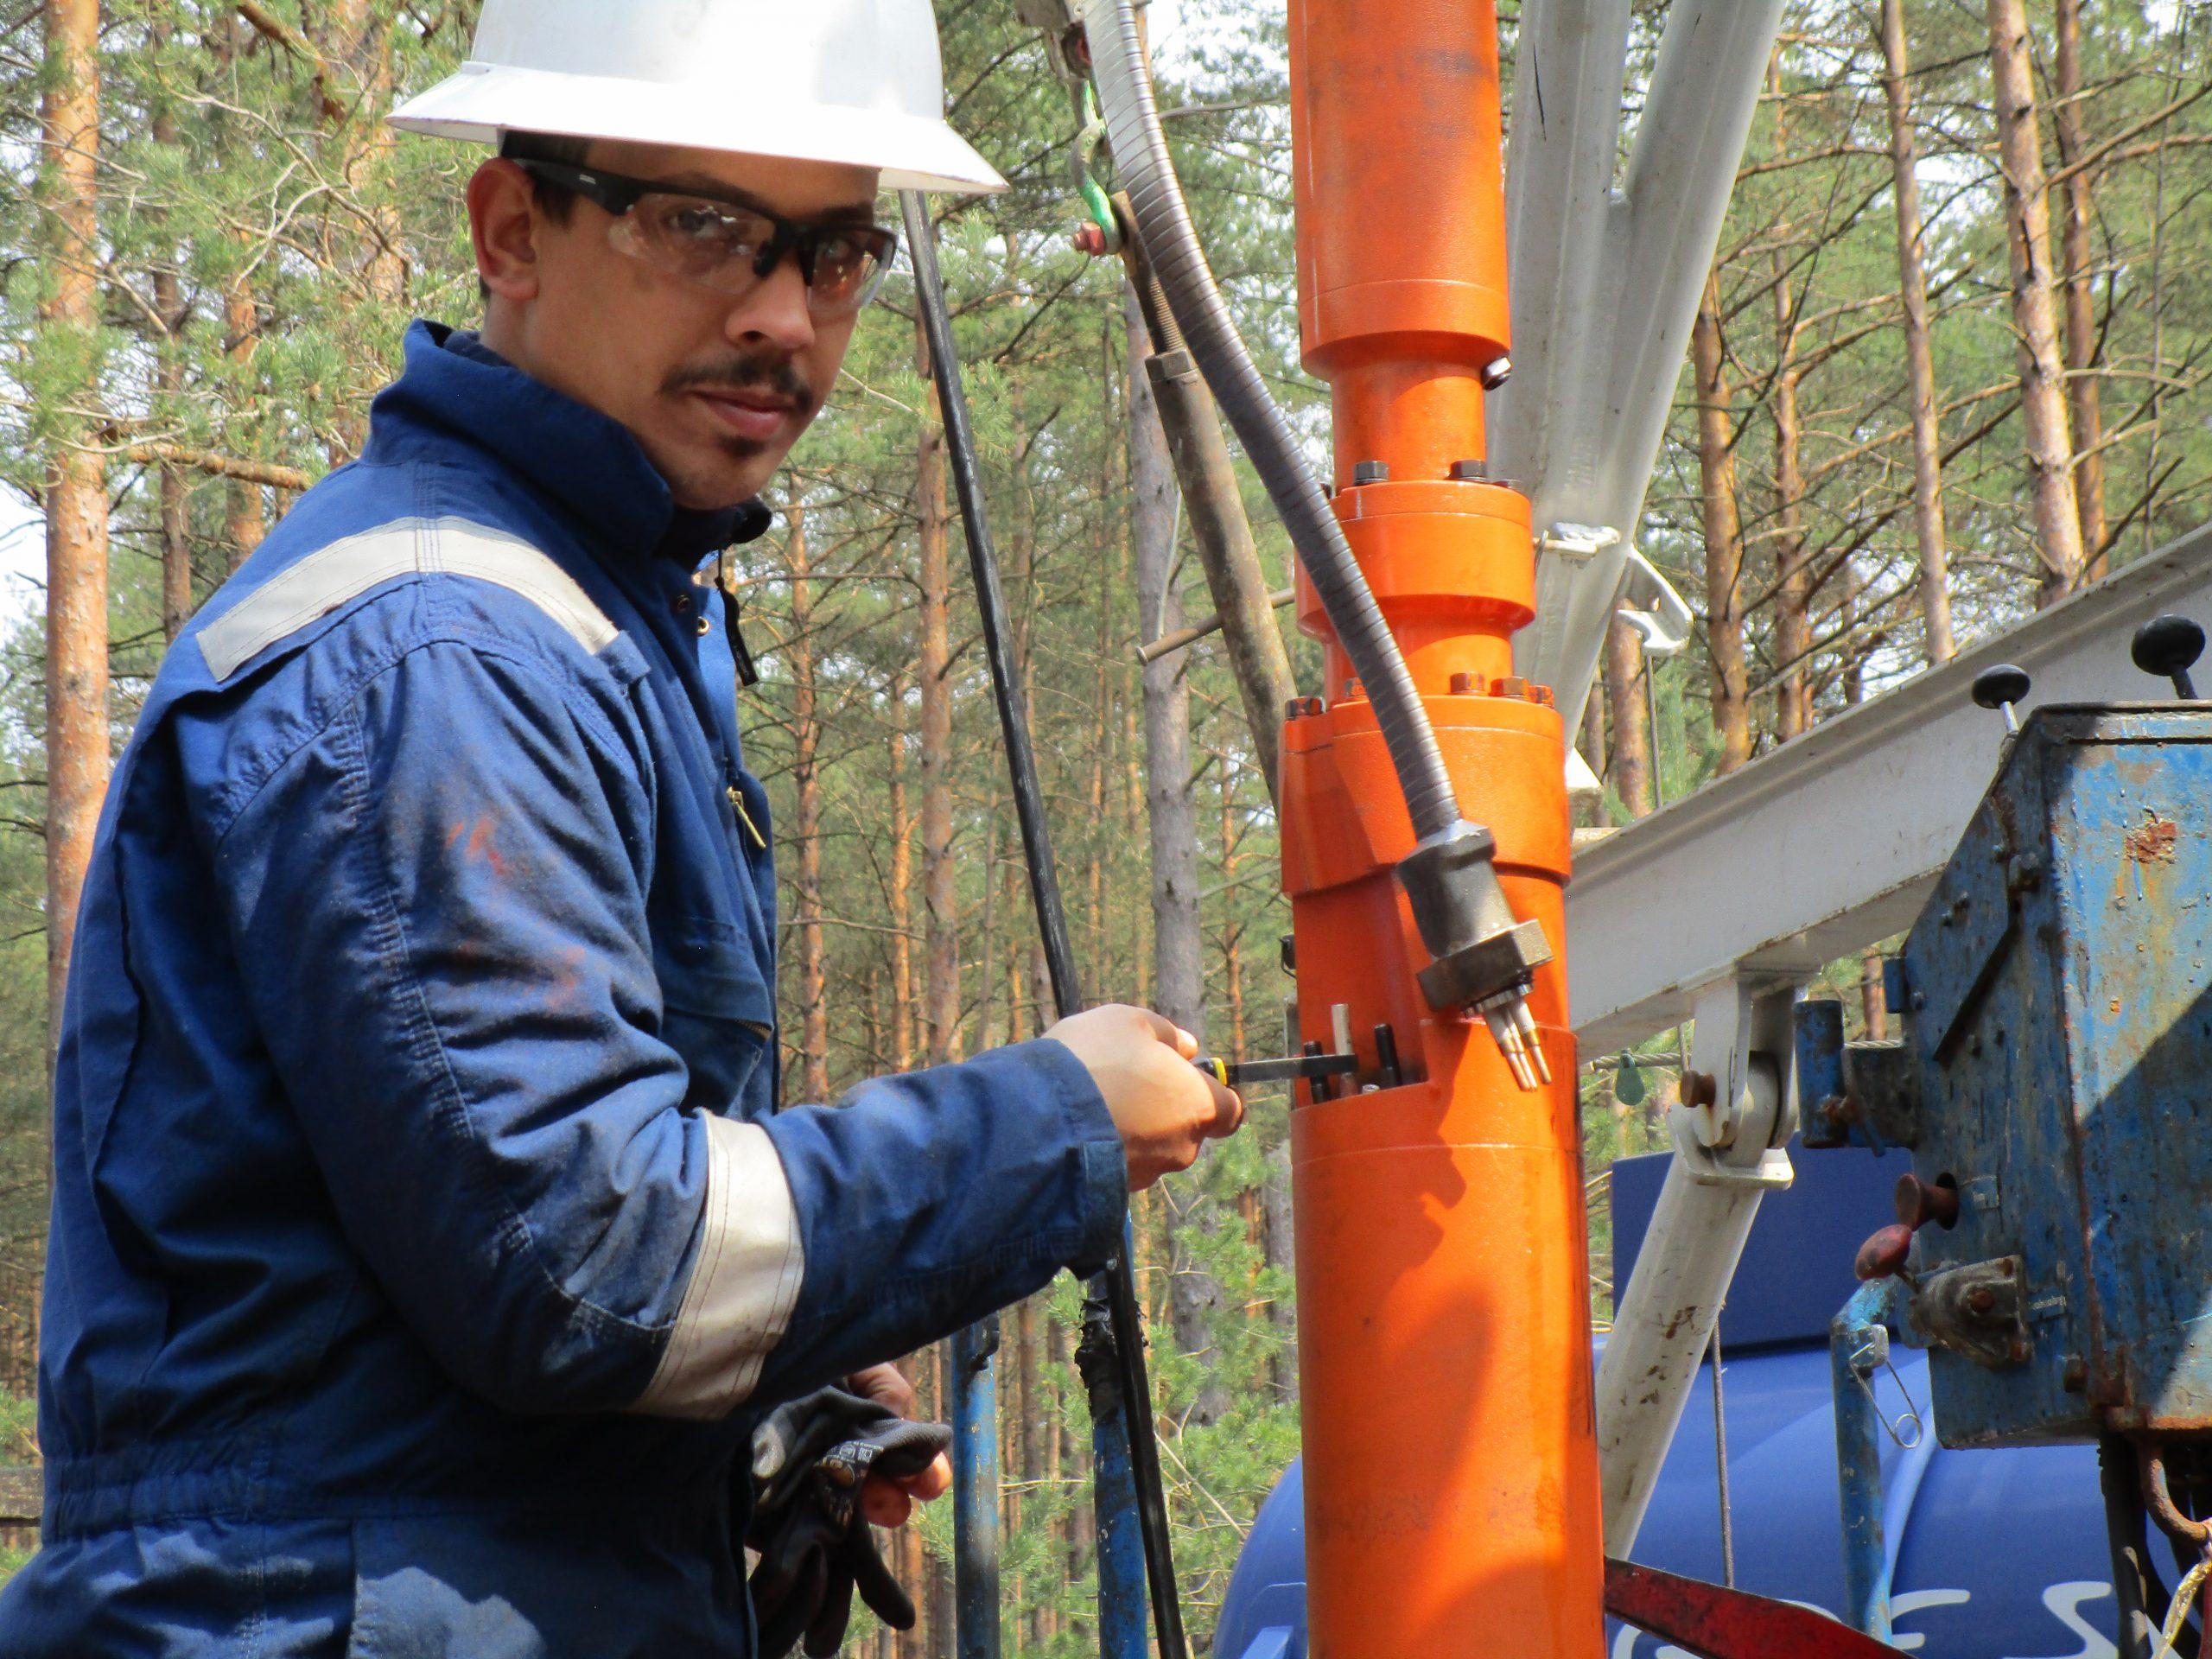 Oil Dynamics Field Service worker